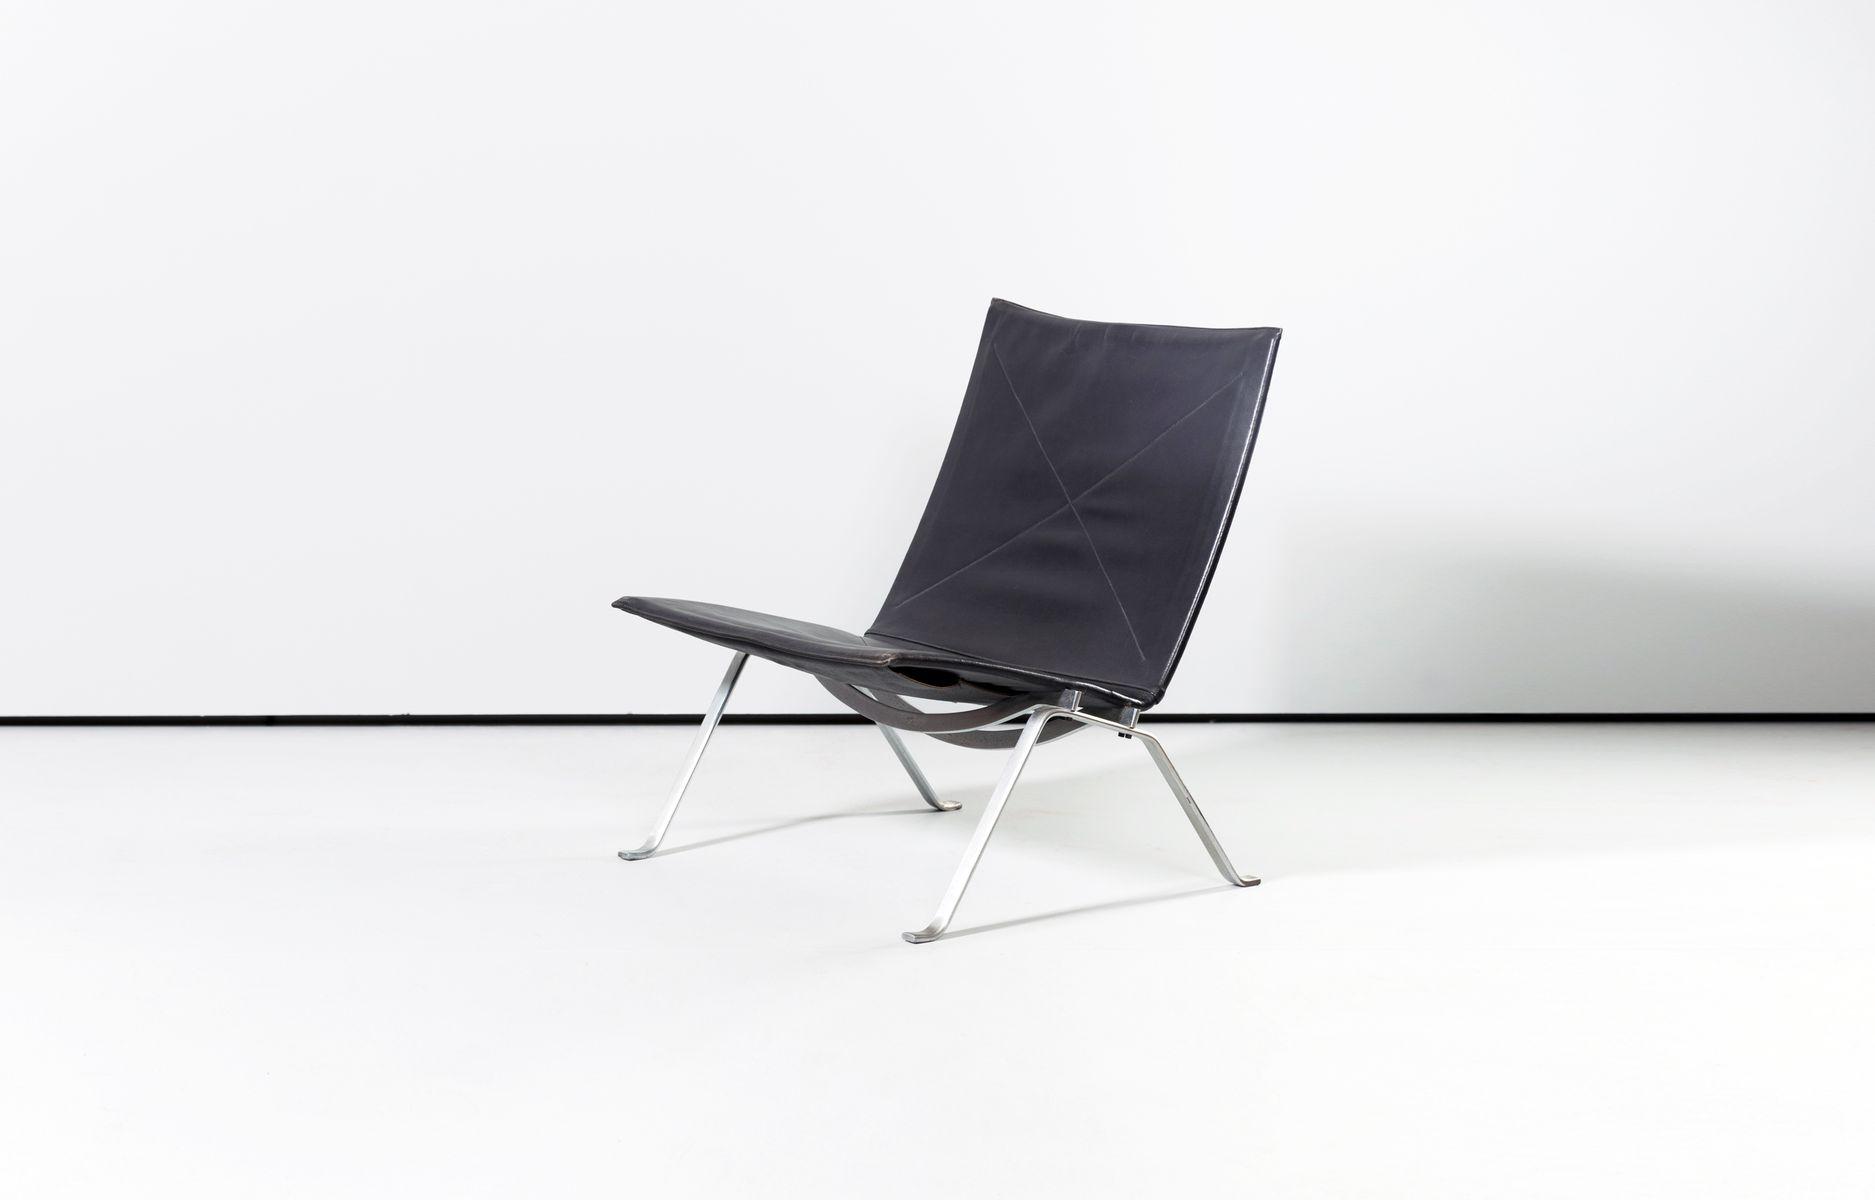 PK22 Lounge Chair By Poul Kjaerholm For E. Kold Christensen